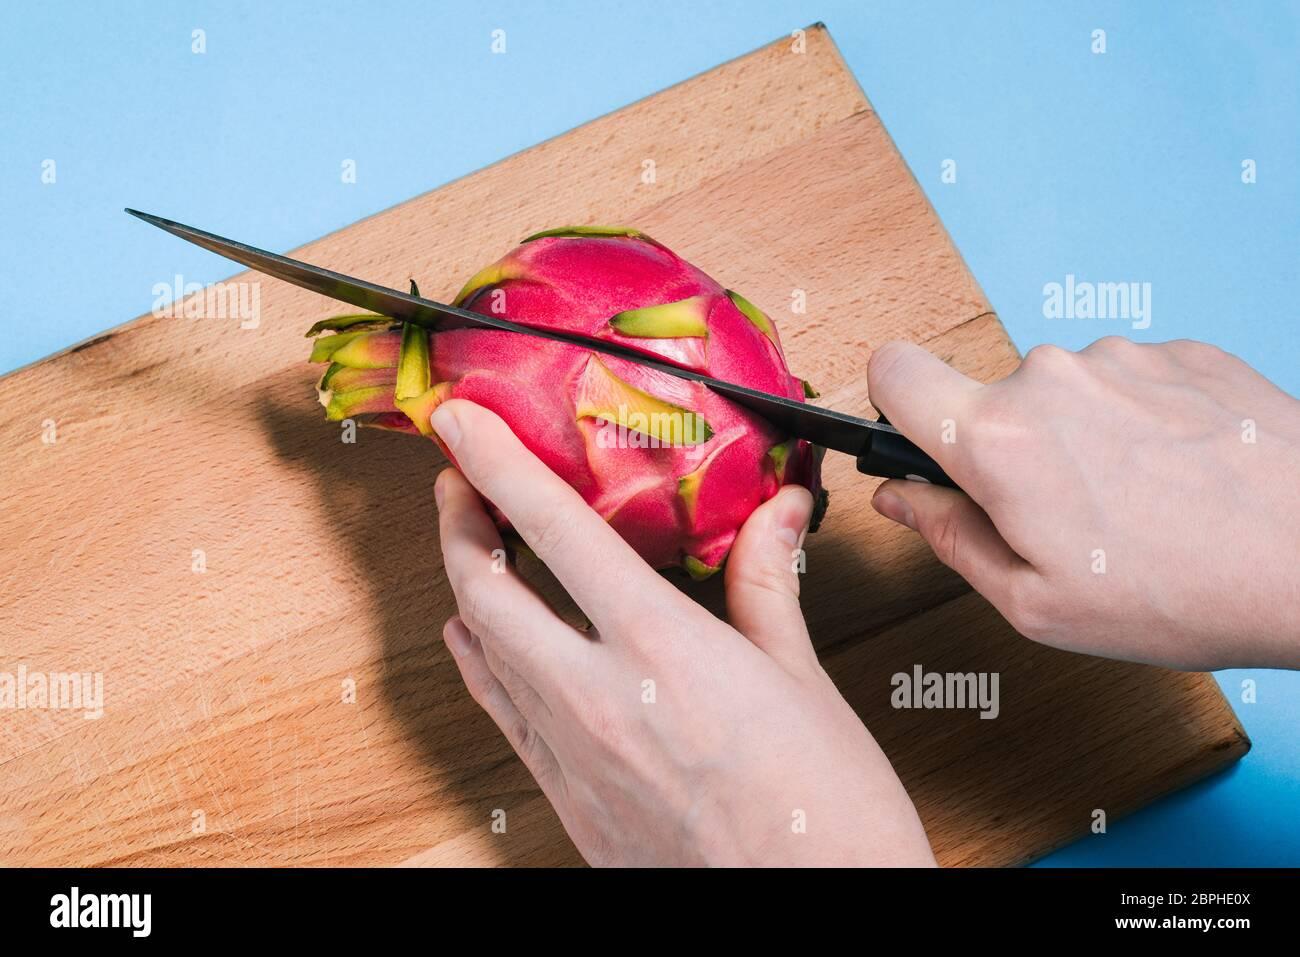 Primer plano de las manos de una mujer cortando una fruta madura de pitaya con un cuchillo en una tabla de madera. Pattaya está cortado en dos partes. La vista desde arriba. Foto de stock